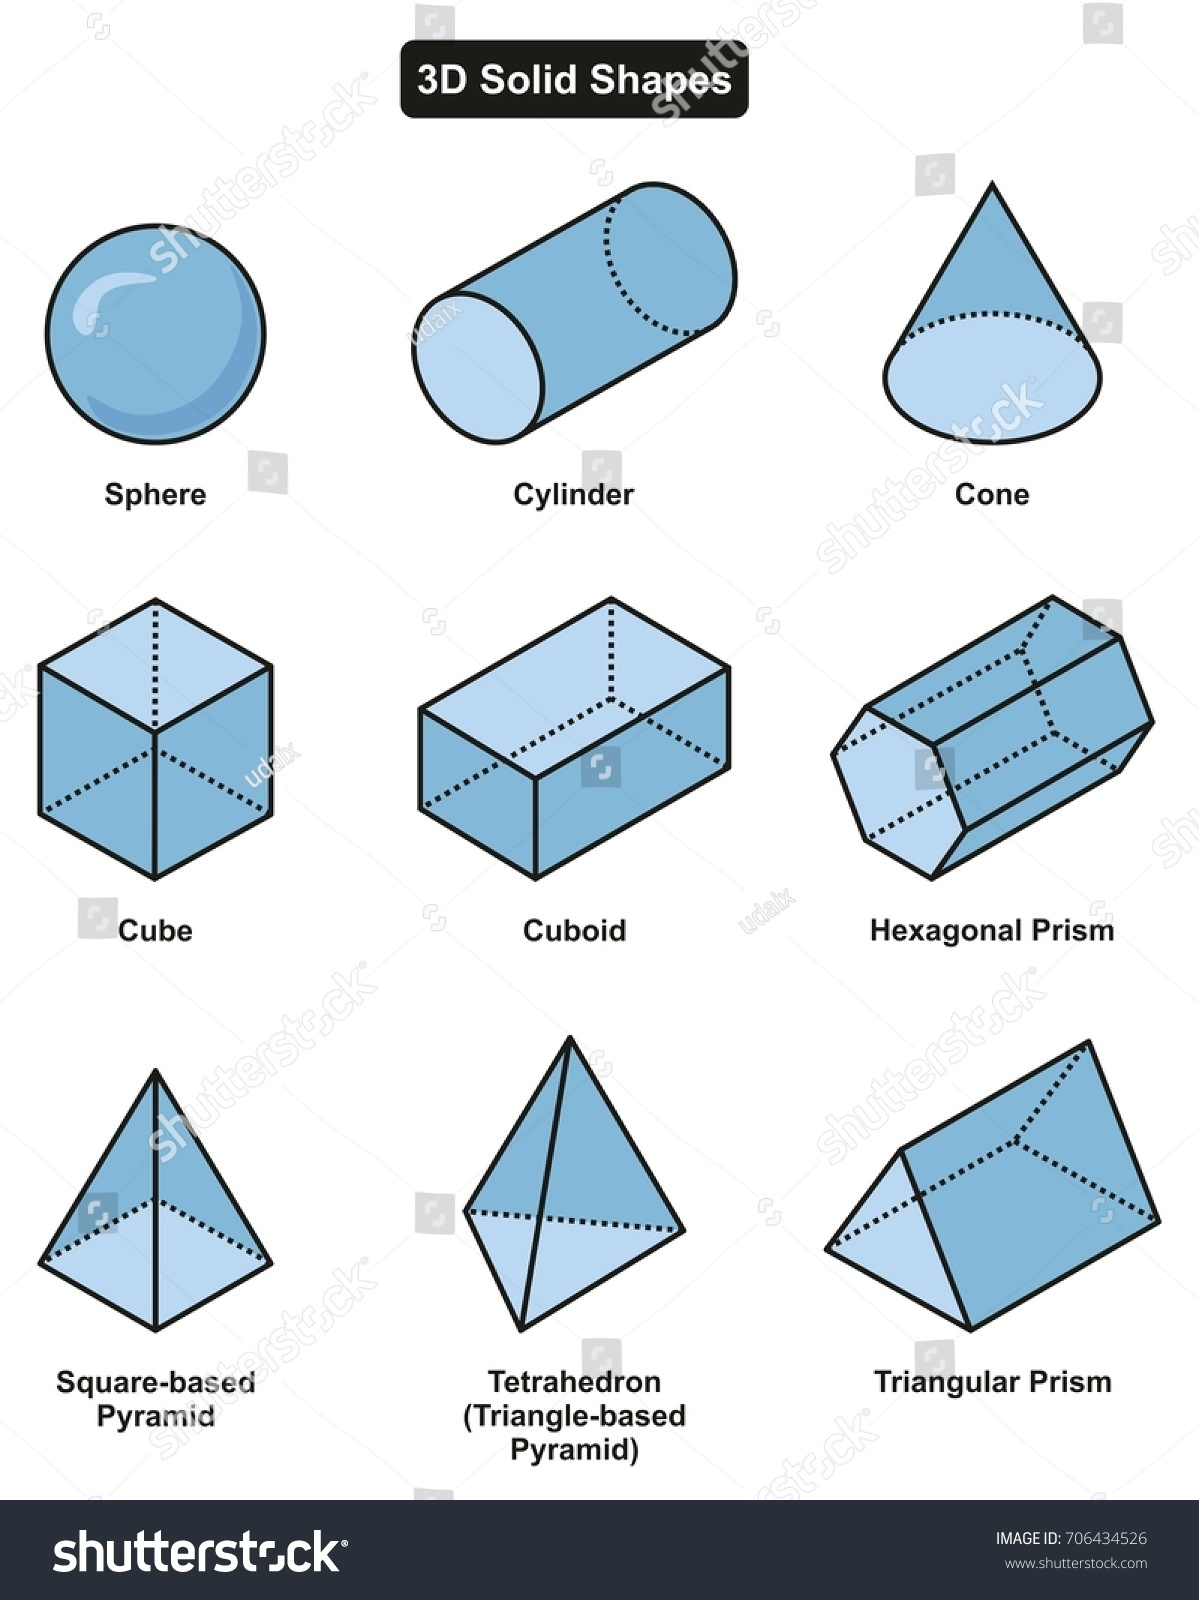 Worksheet 3d Shapes Prism